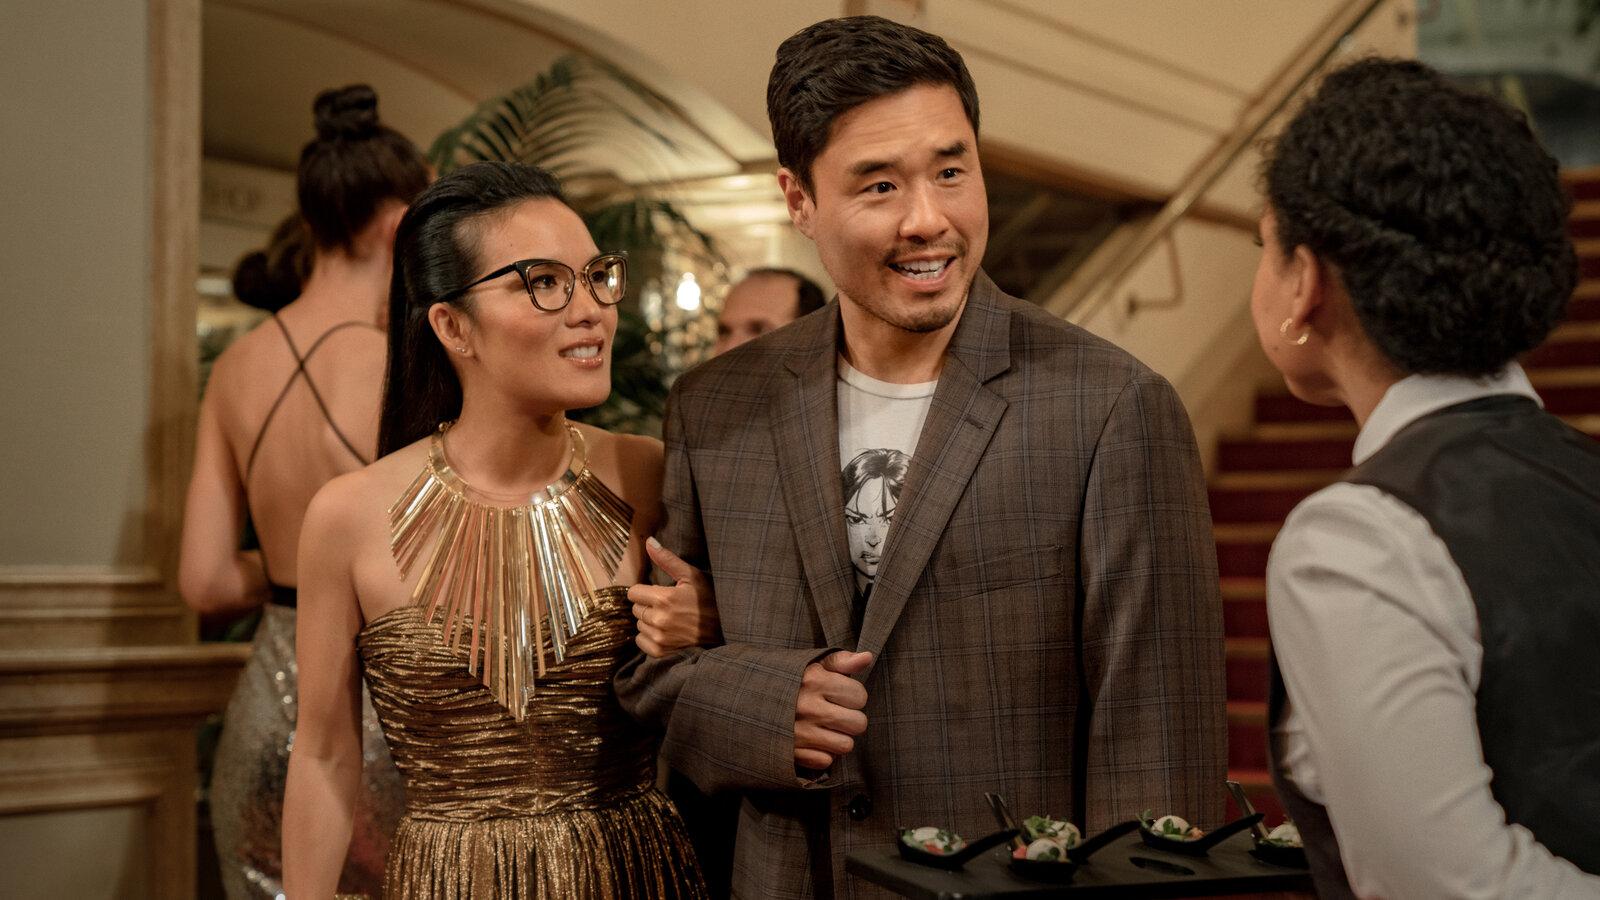 Netflix invertirá $100 millones de dólares para mejorar la diversidad en el cine